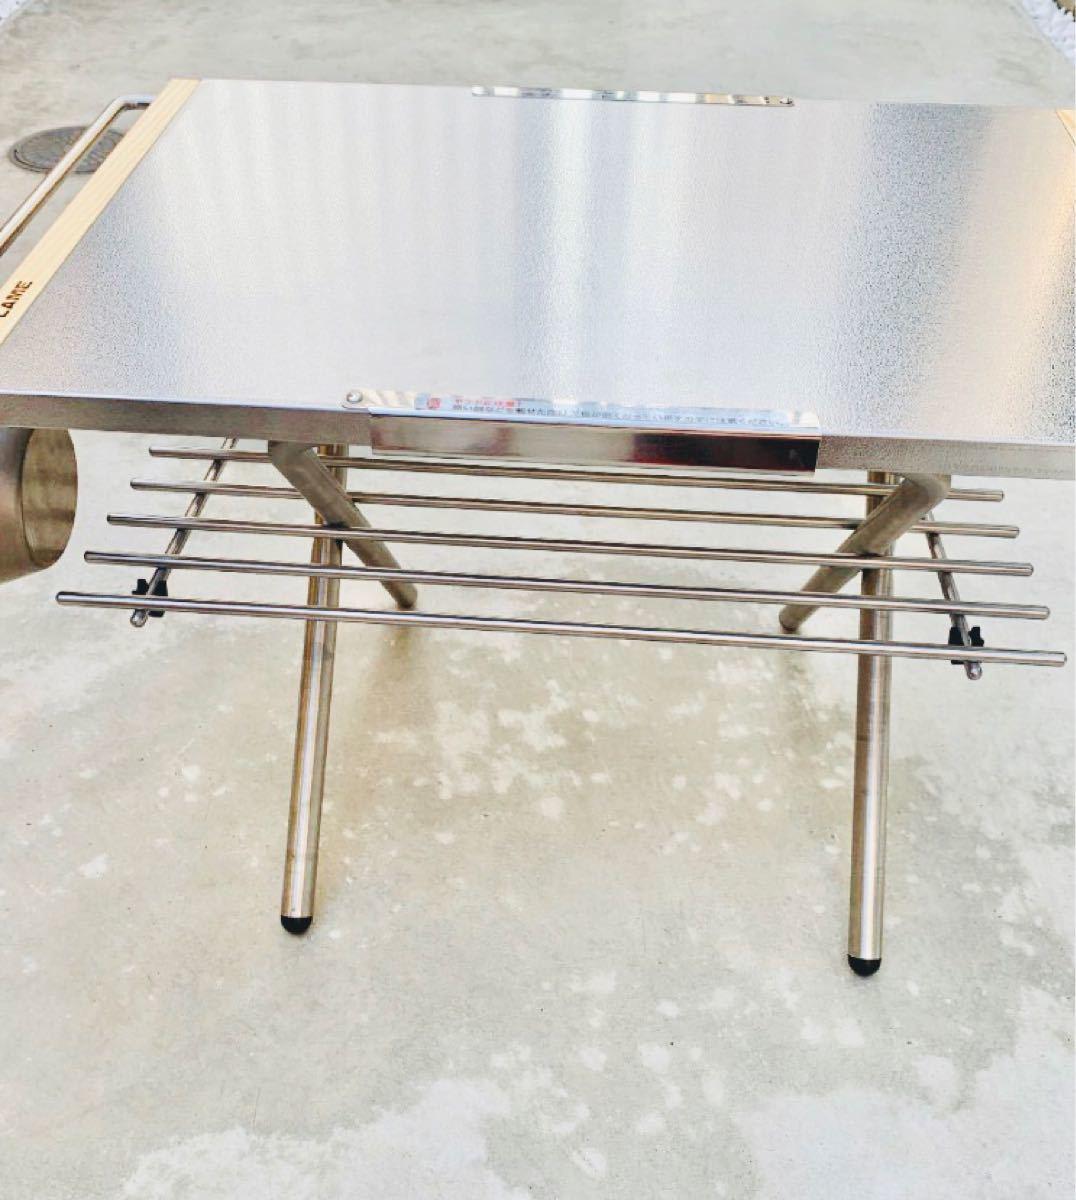 ユニフレーム焚き火テーブル用 ステンレスラック